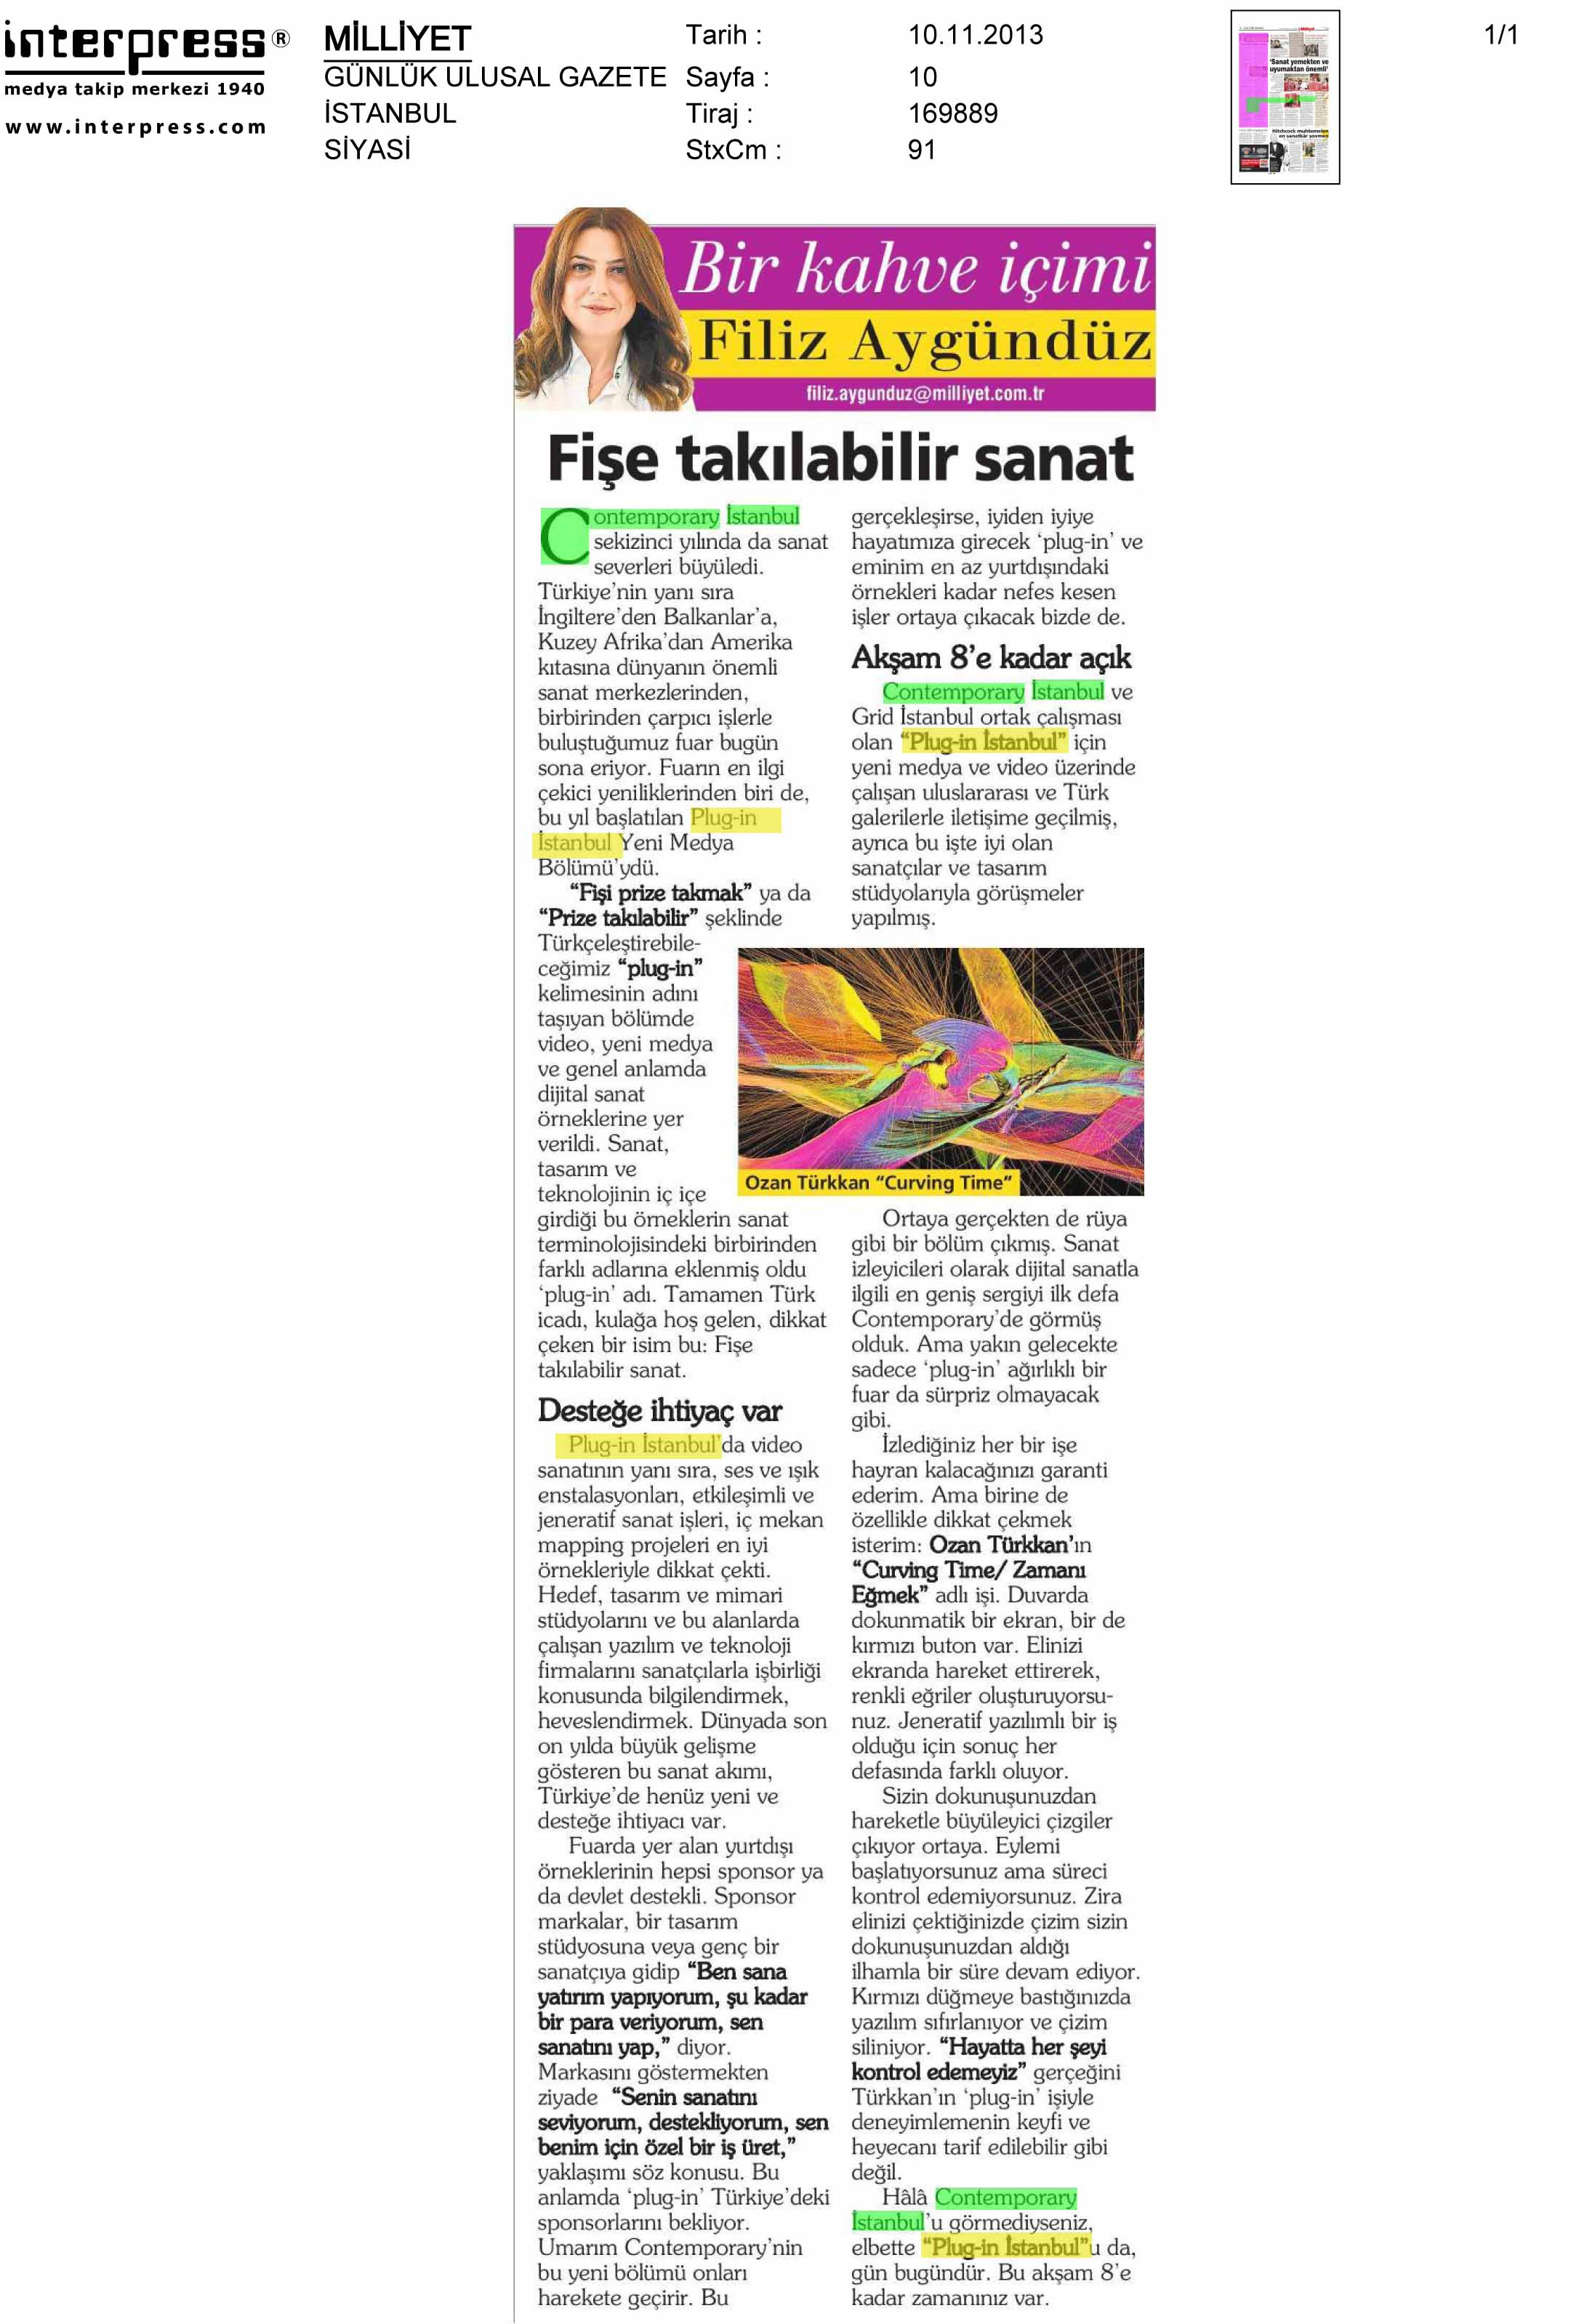 Milliyet - Ulusal Günlük Gazete - 10.jpg